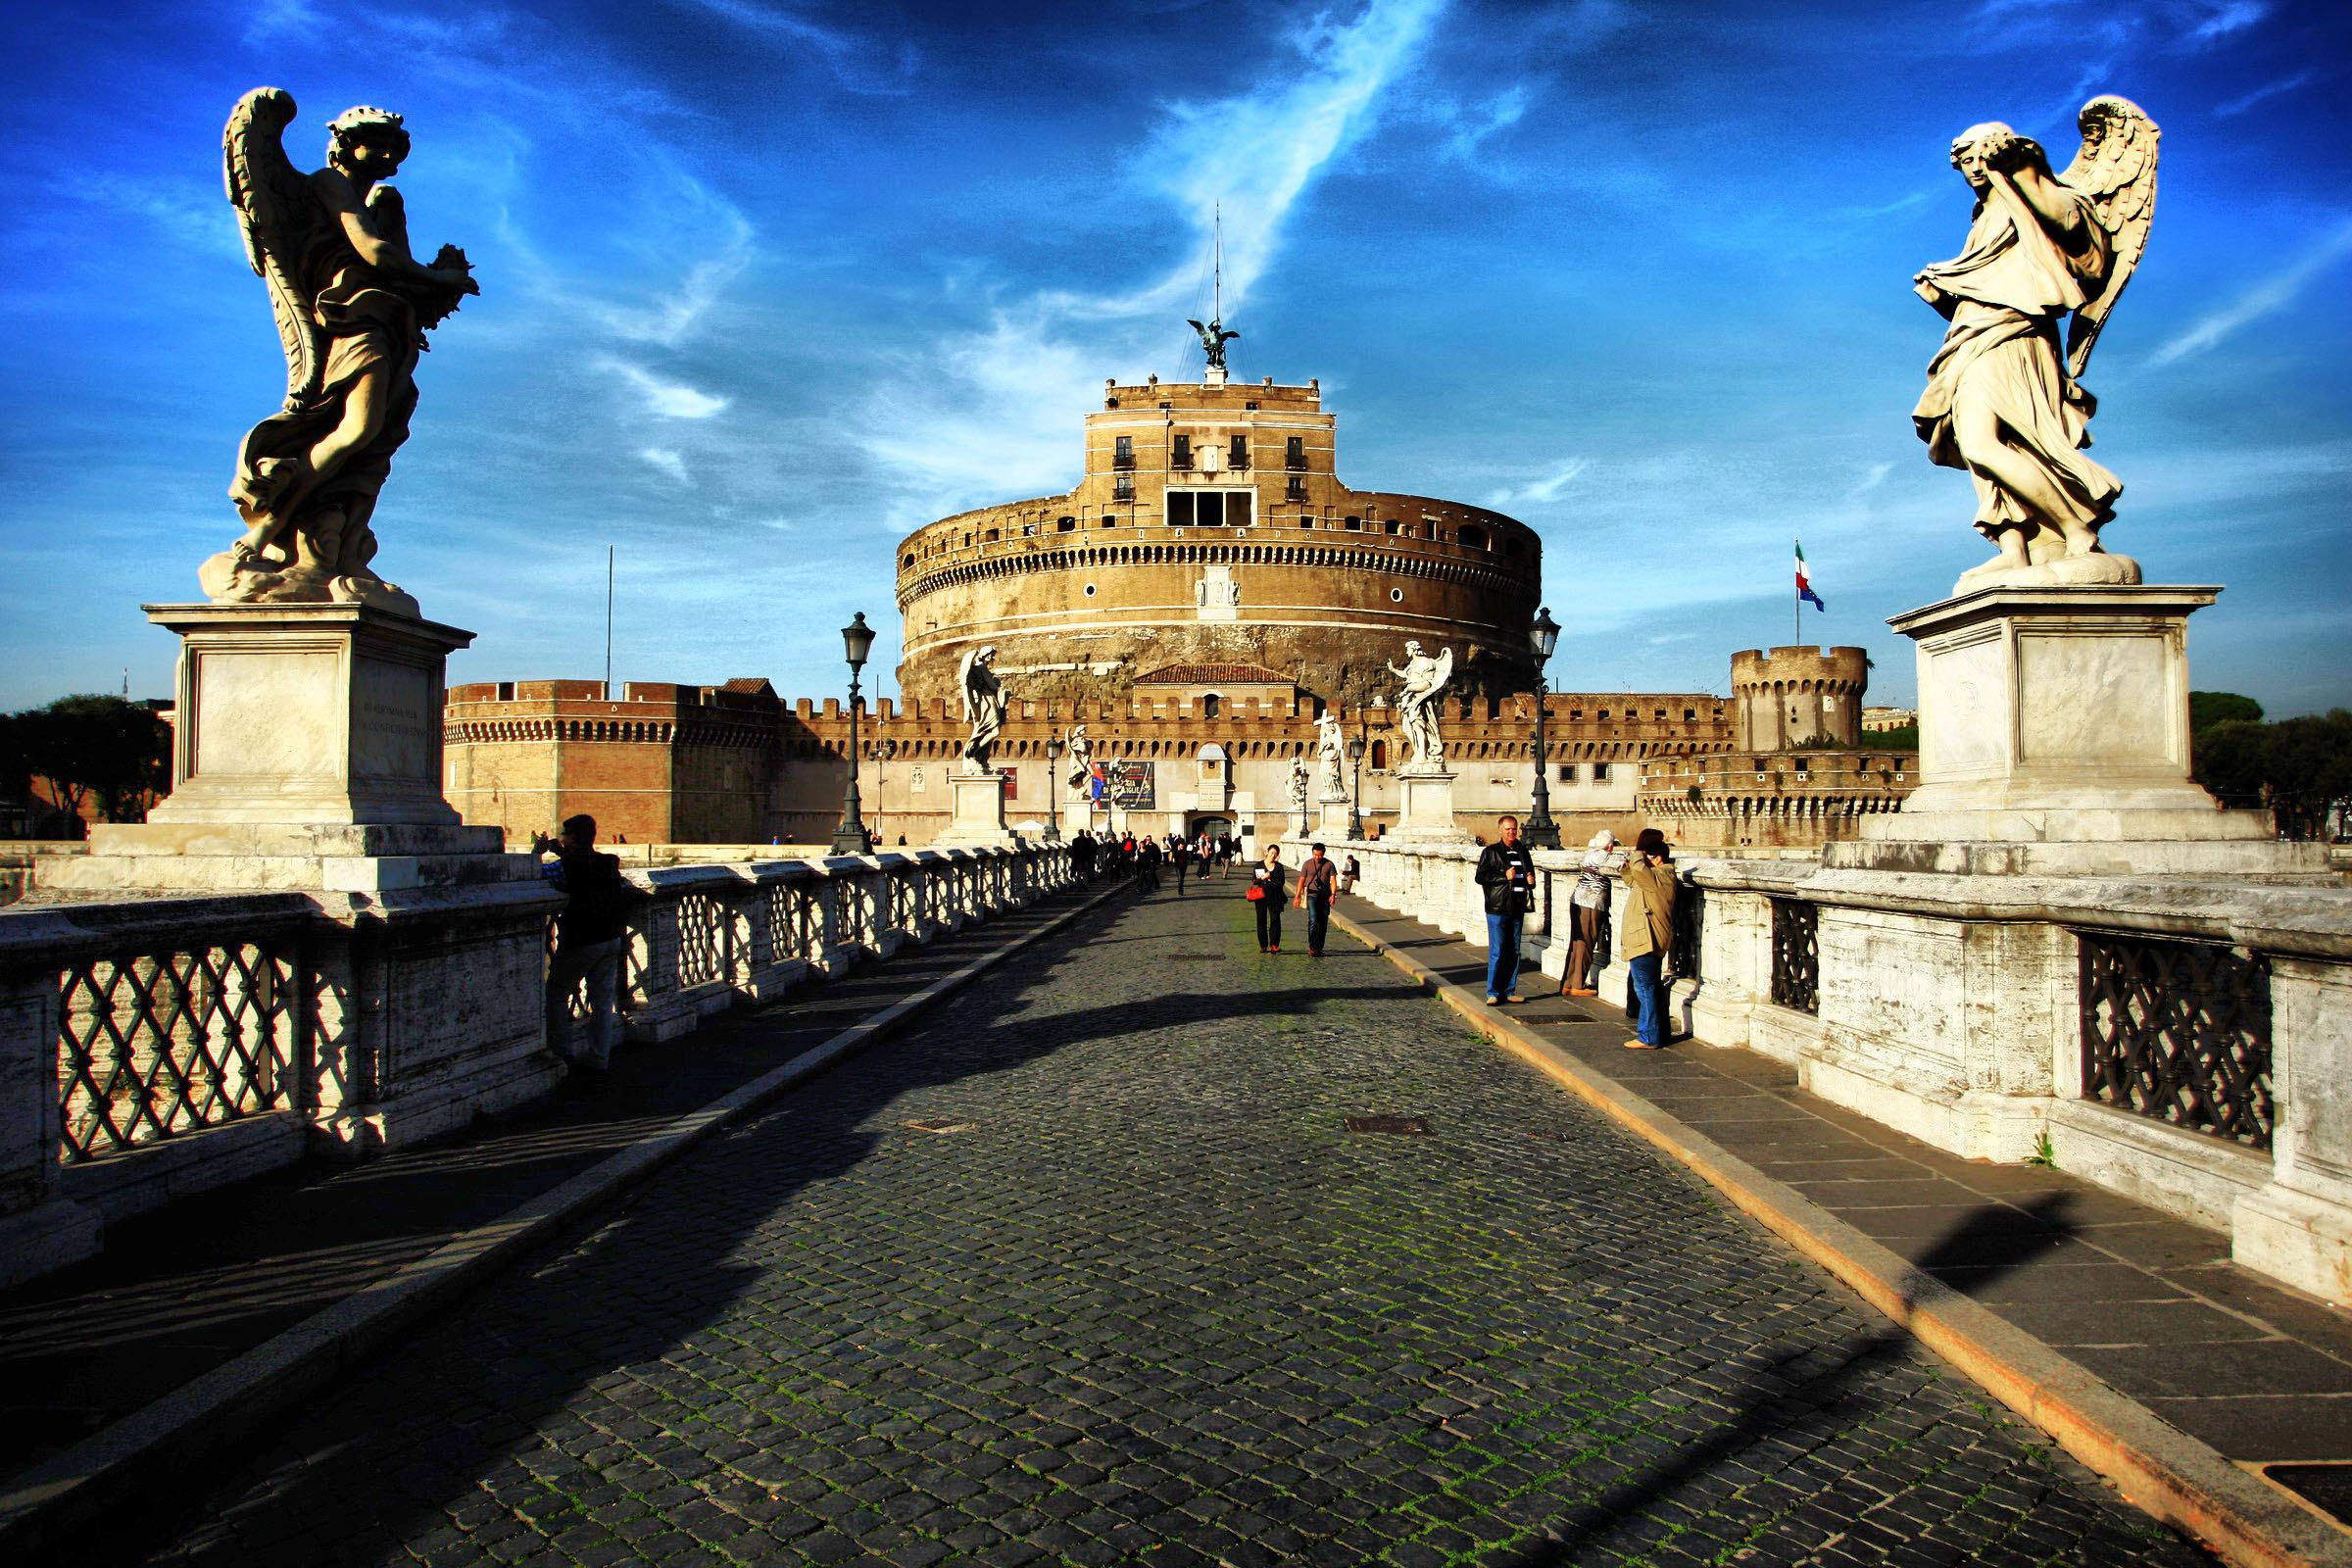 意大利景点景区图片-意大利风景名胜图片-意大利旅游